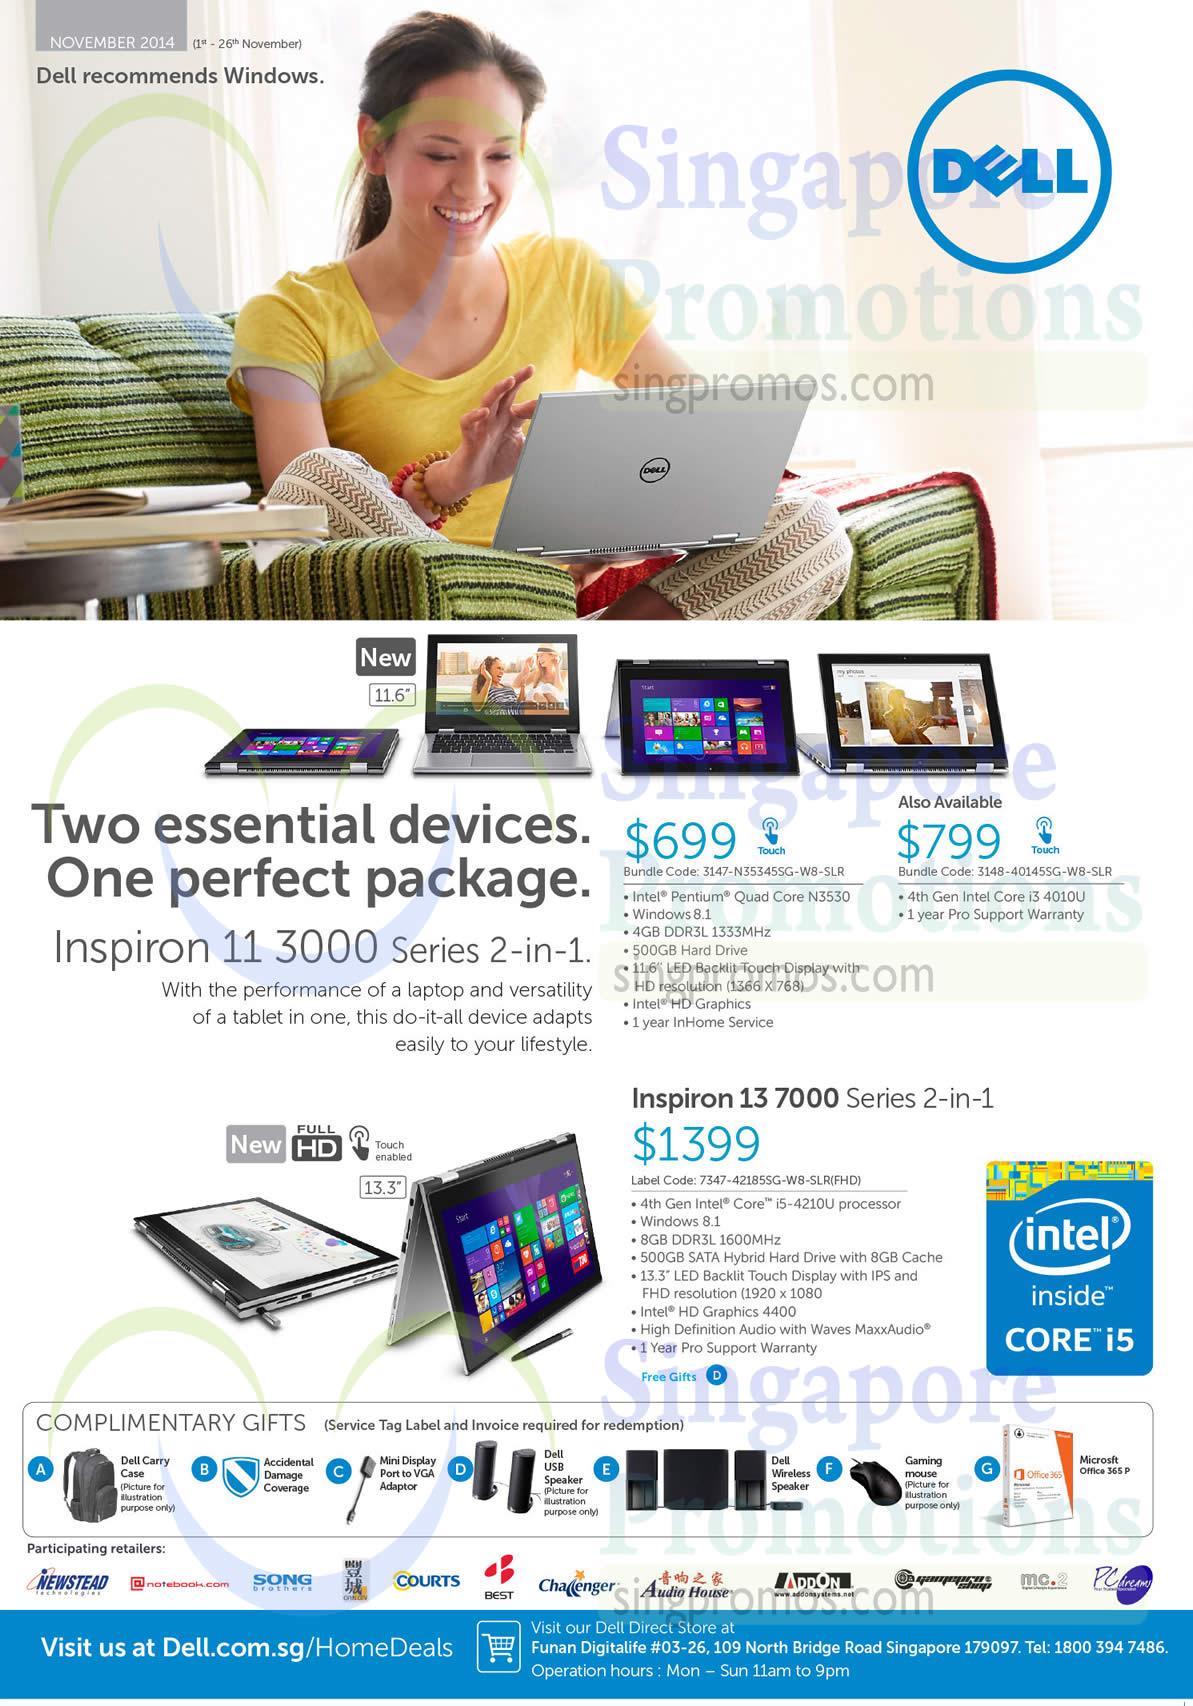 Dell 3147-N35345SG-W8-SLR Notebook, Dell 3148-40145SG-W8-SLR Notebook, Dell 7347-42185SG-W8-SLR(FHD) Notebook